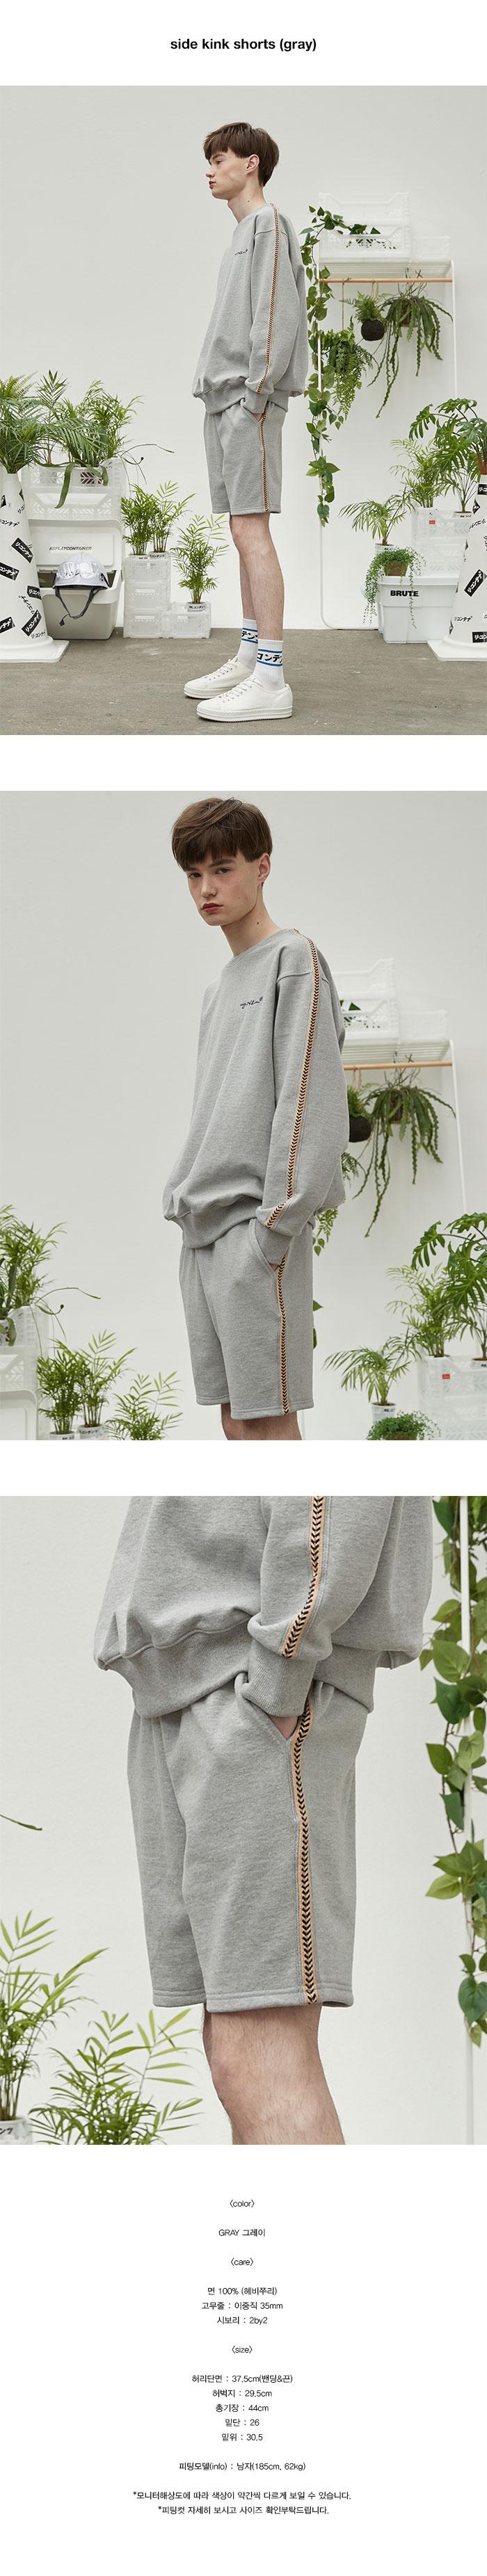 리플레이컨테이너(REPLAY CONTAINER) side kink shorts (gray)